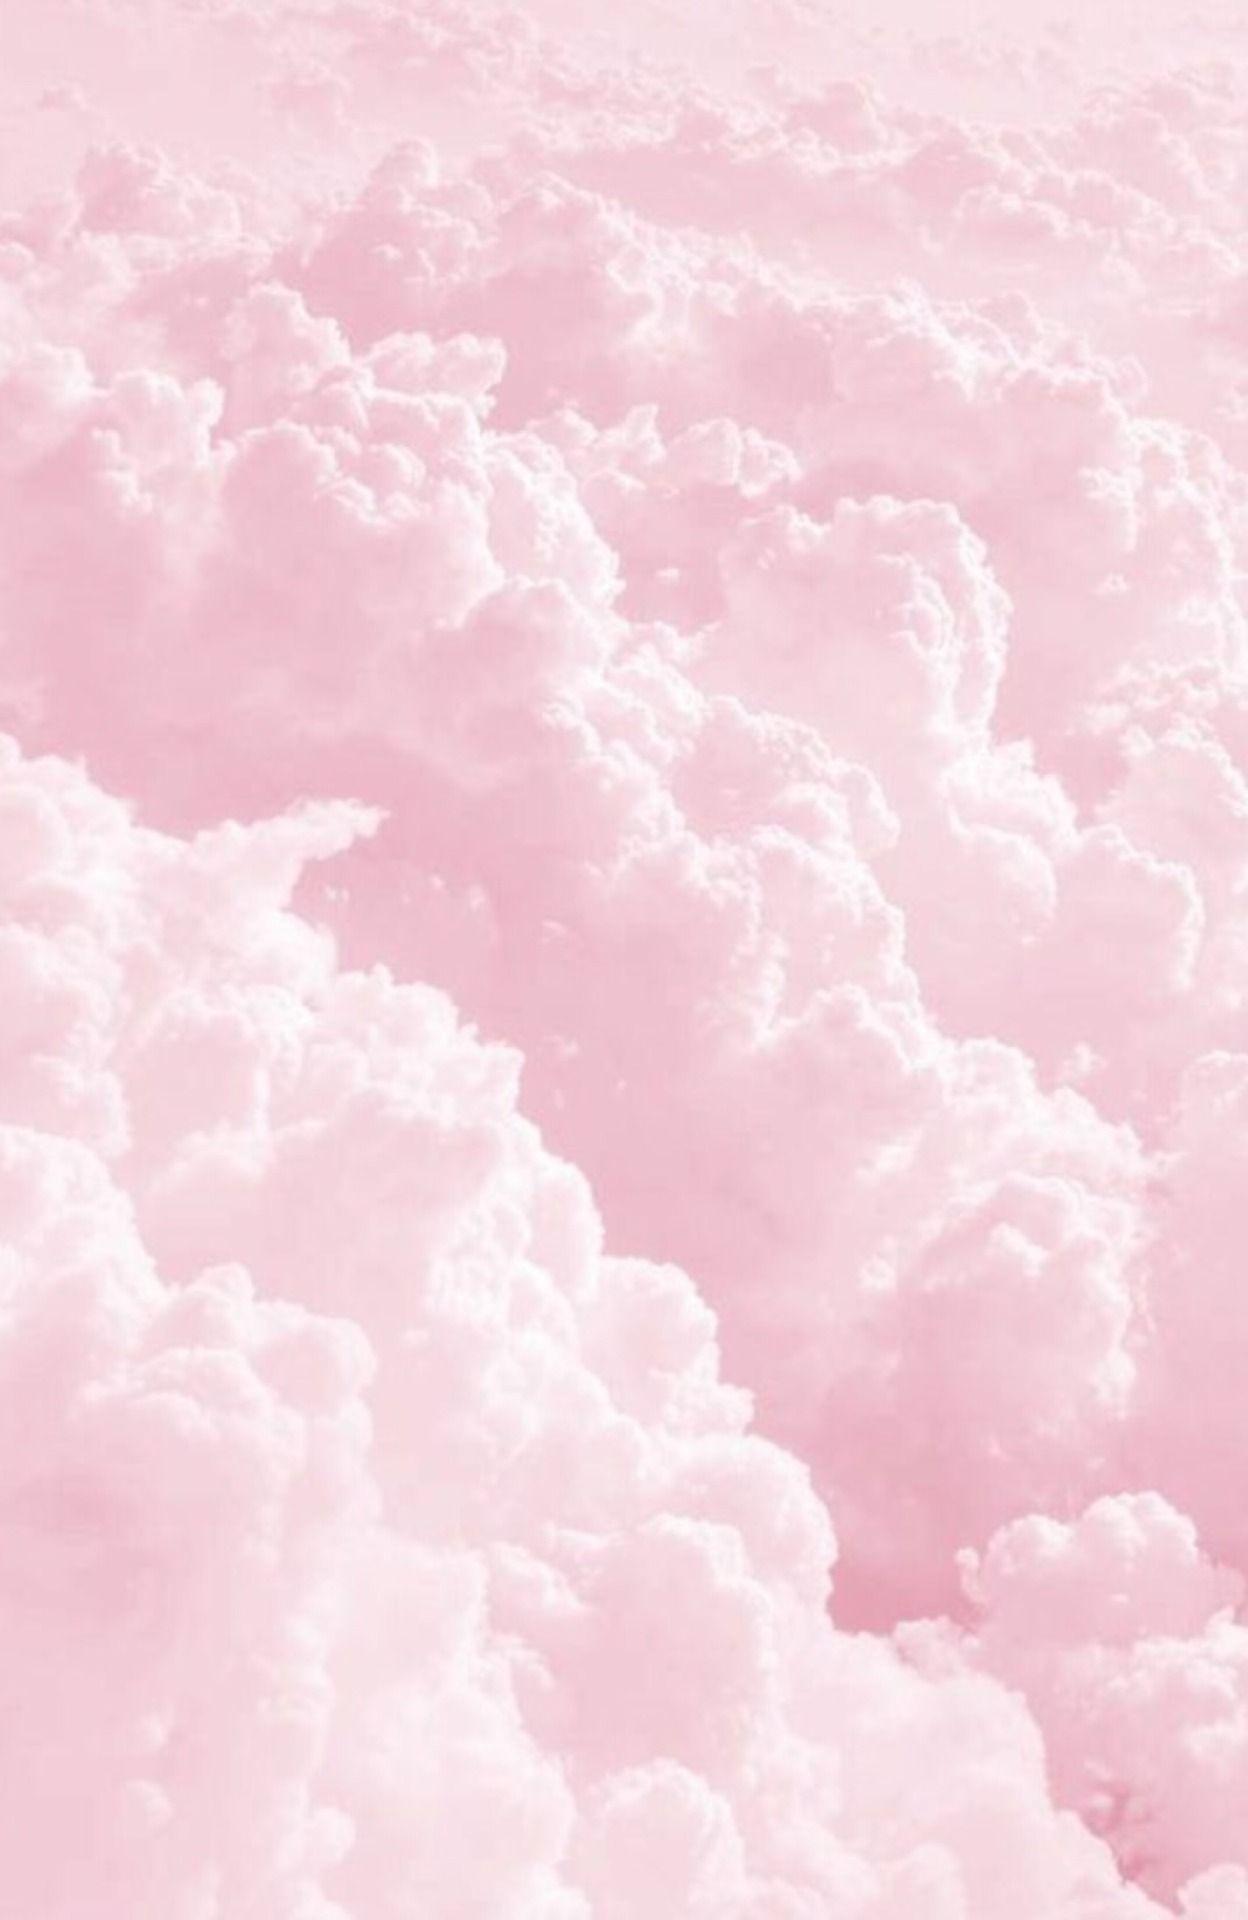 Pastel Pink Aesthetic Wallpaper Pastel Pink Aesthetic Pink Clouds Wallpaper Pastel Pink Aesthetic Pink Wallpaper Iphone